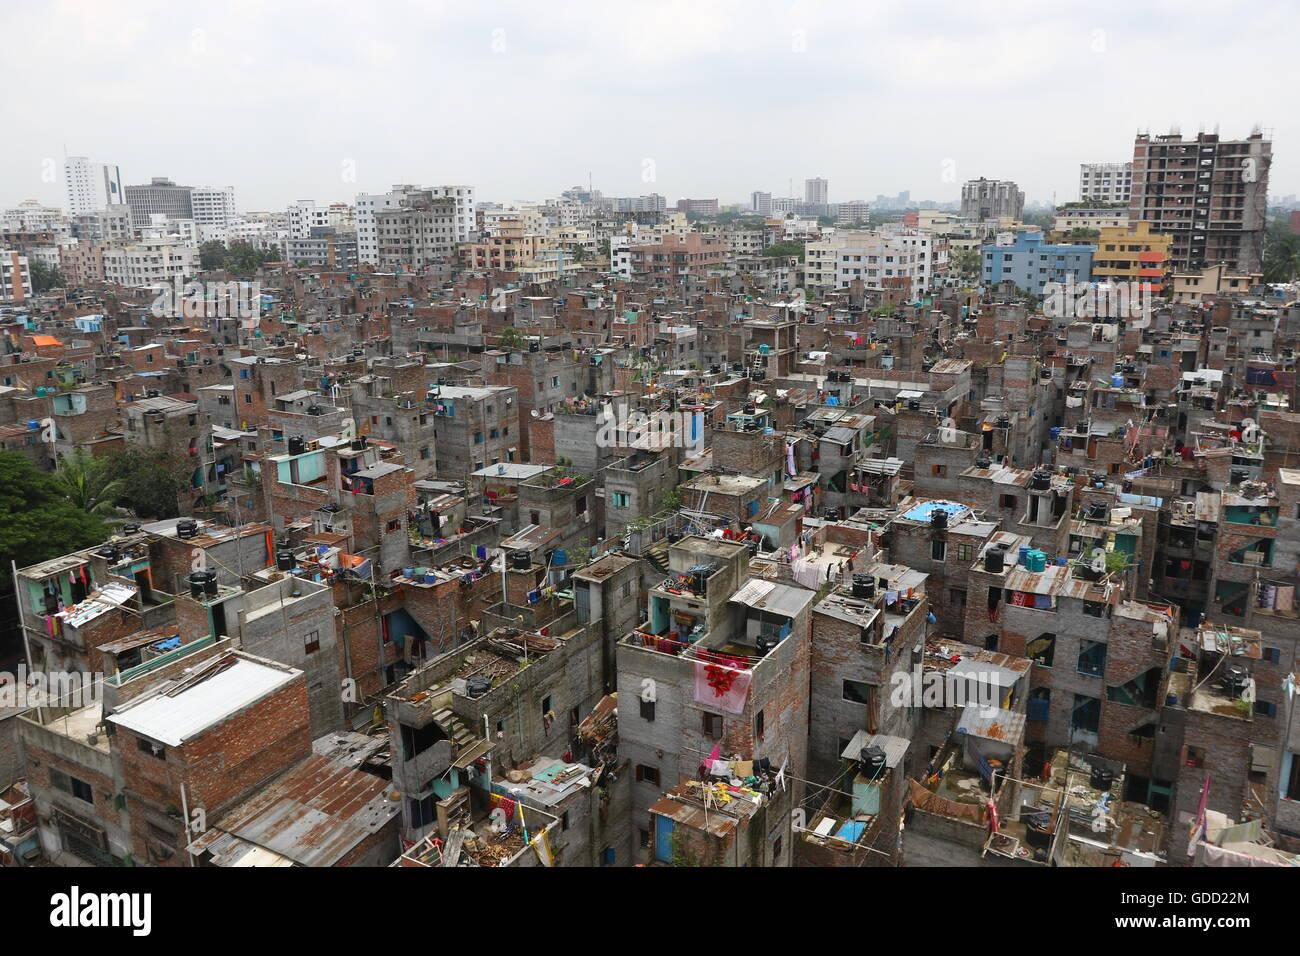 Sick Cities: A Scenario for Dhaka City